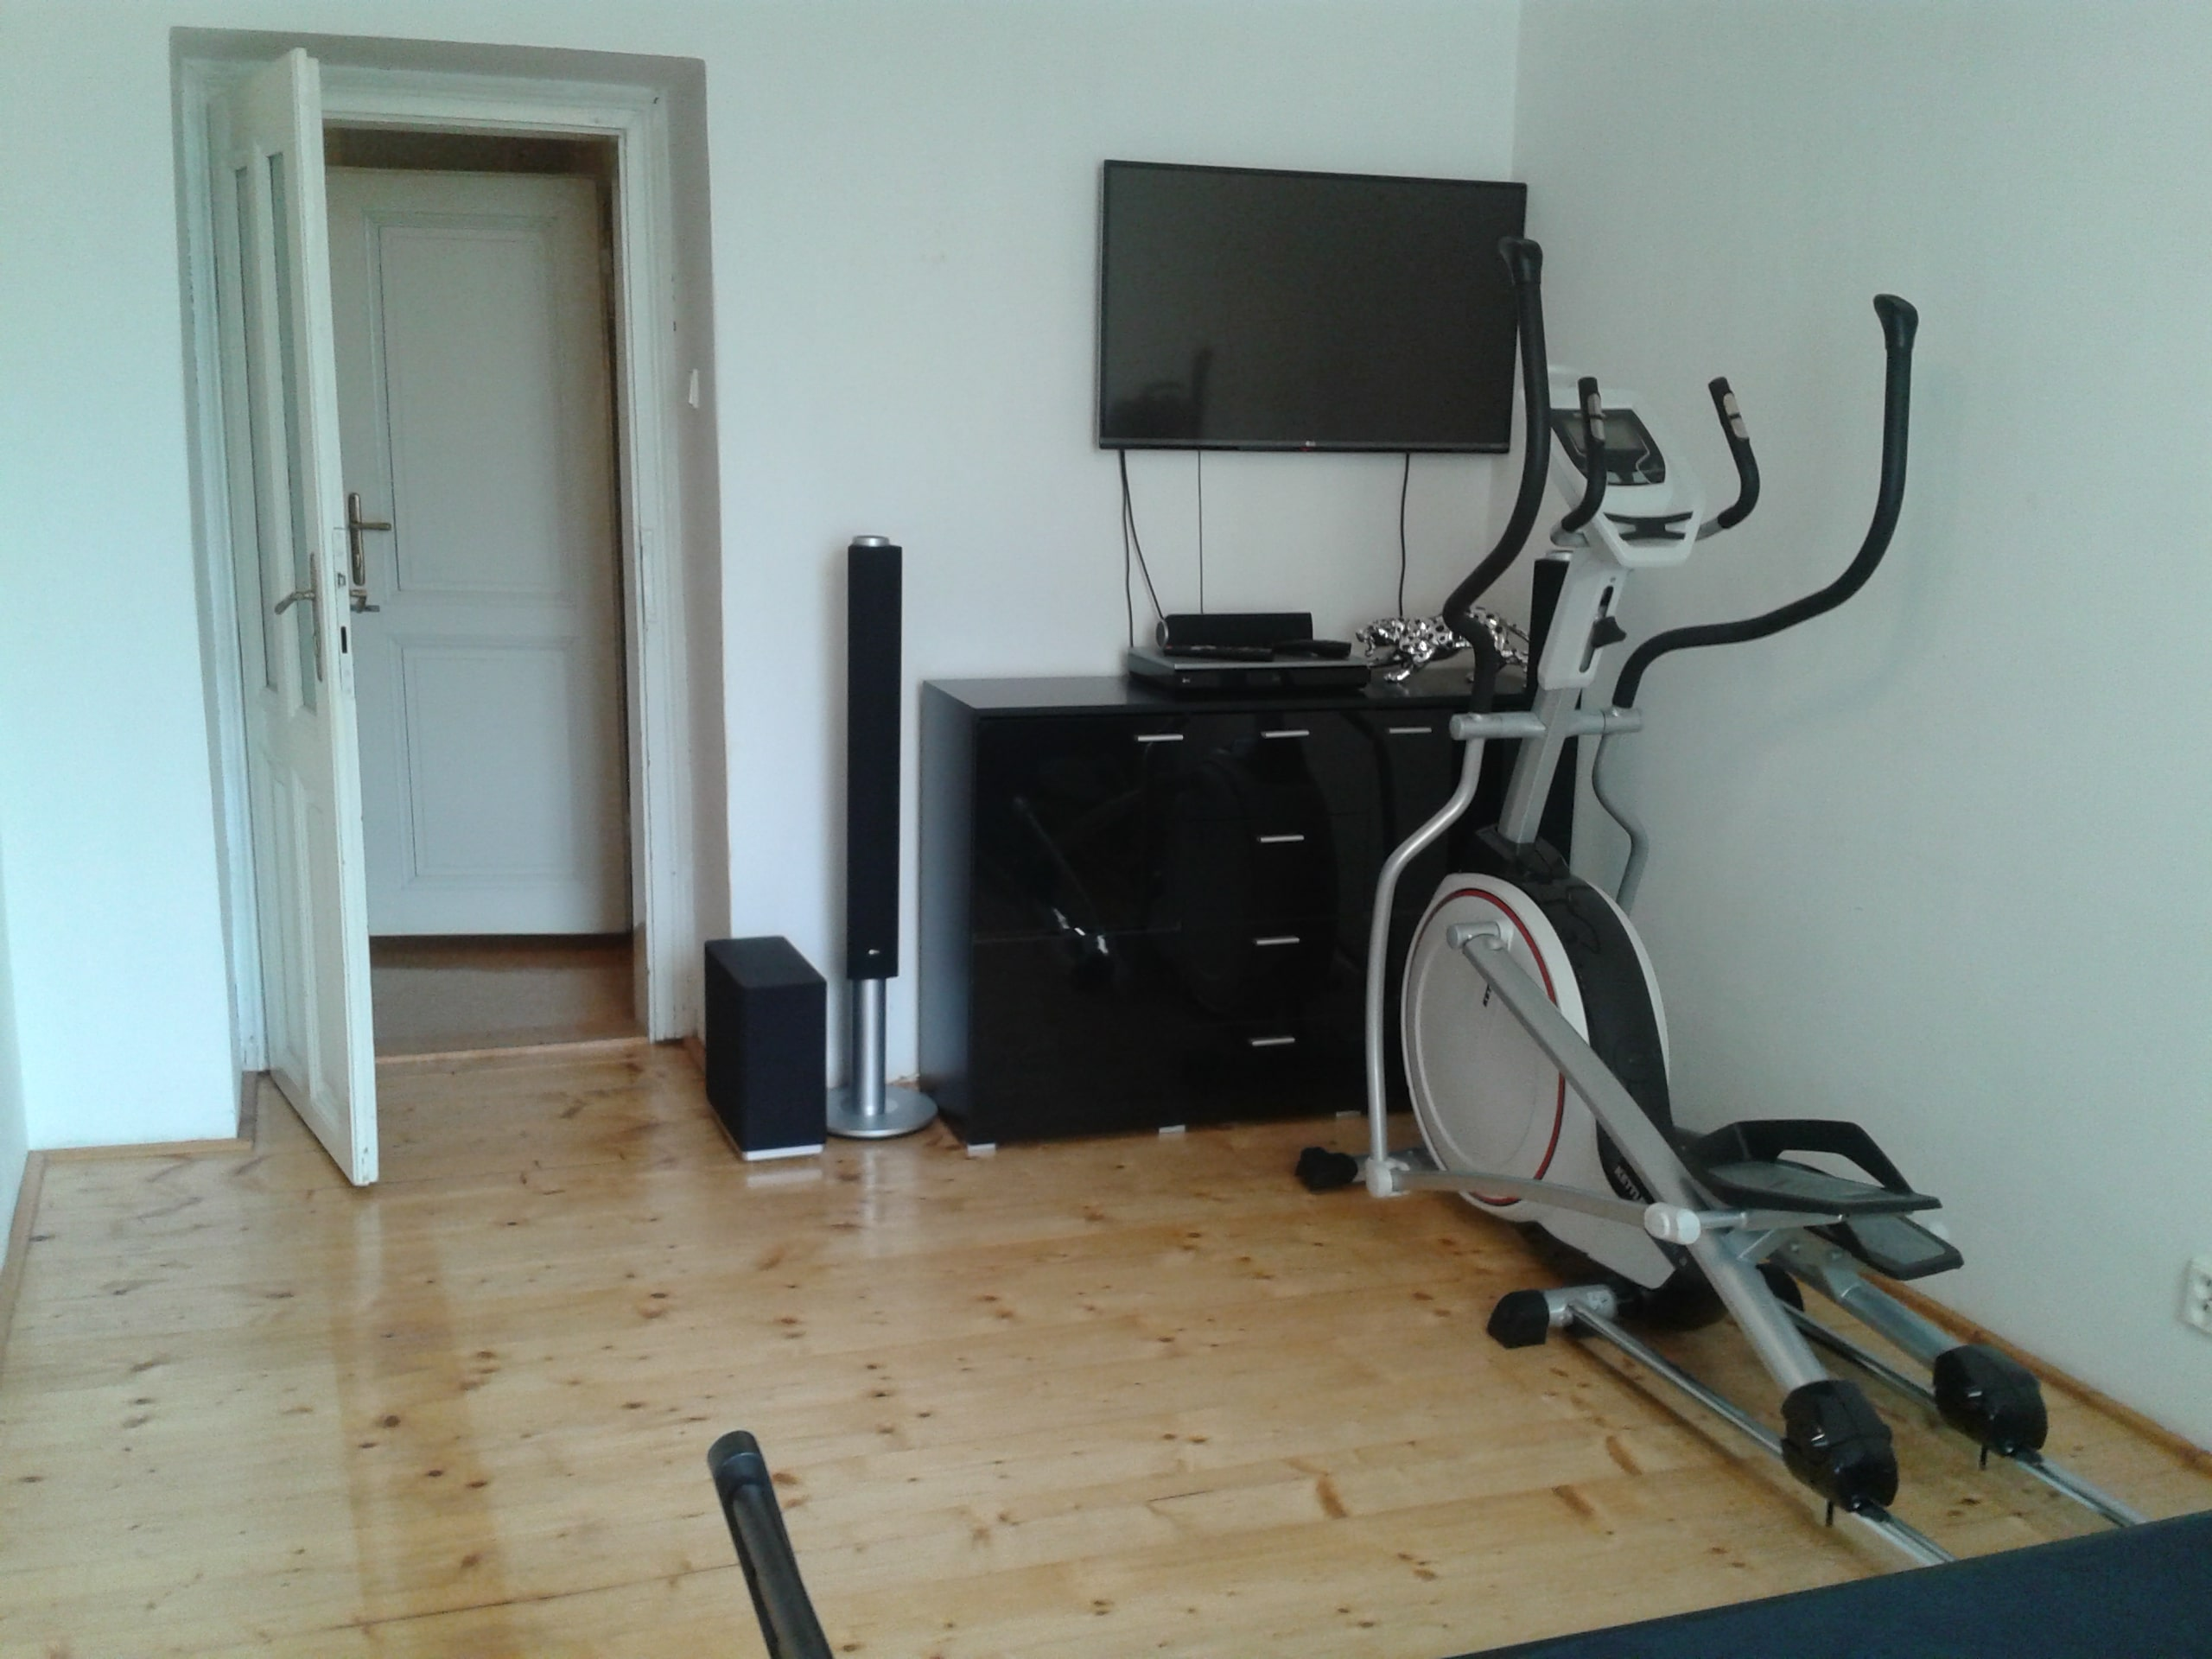 למכירה דירת 3+kk יפהפיה בפראג 1 העיר החדשה (46)